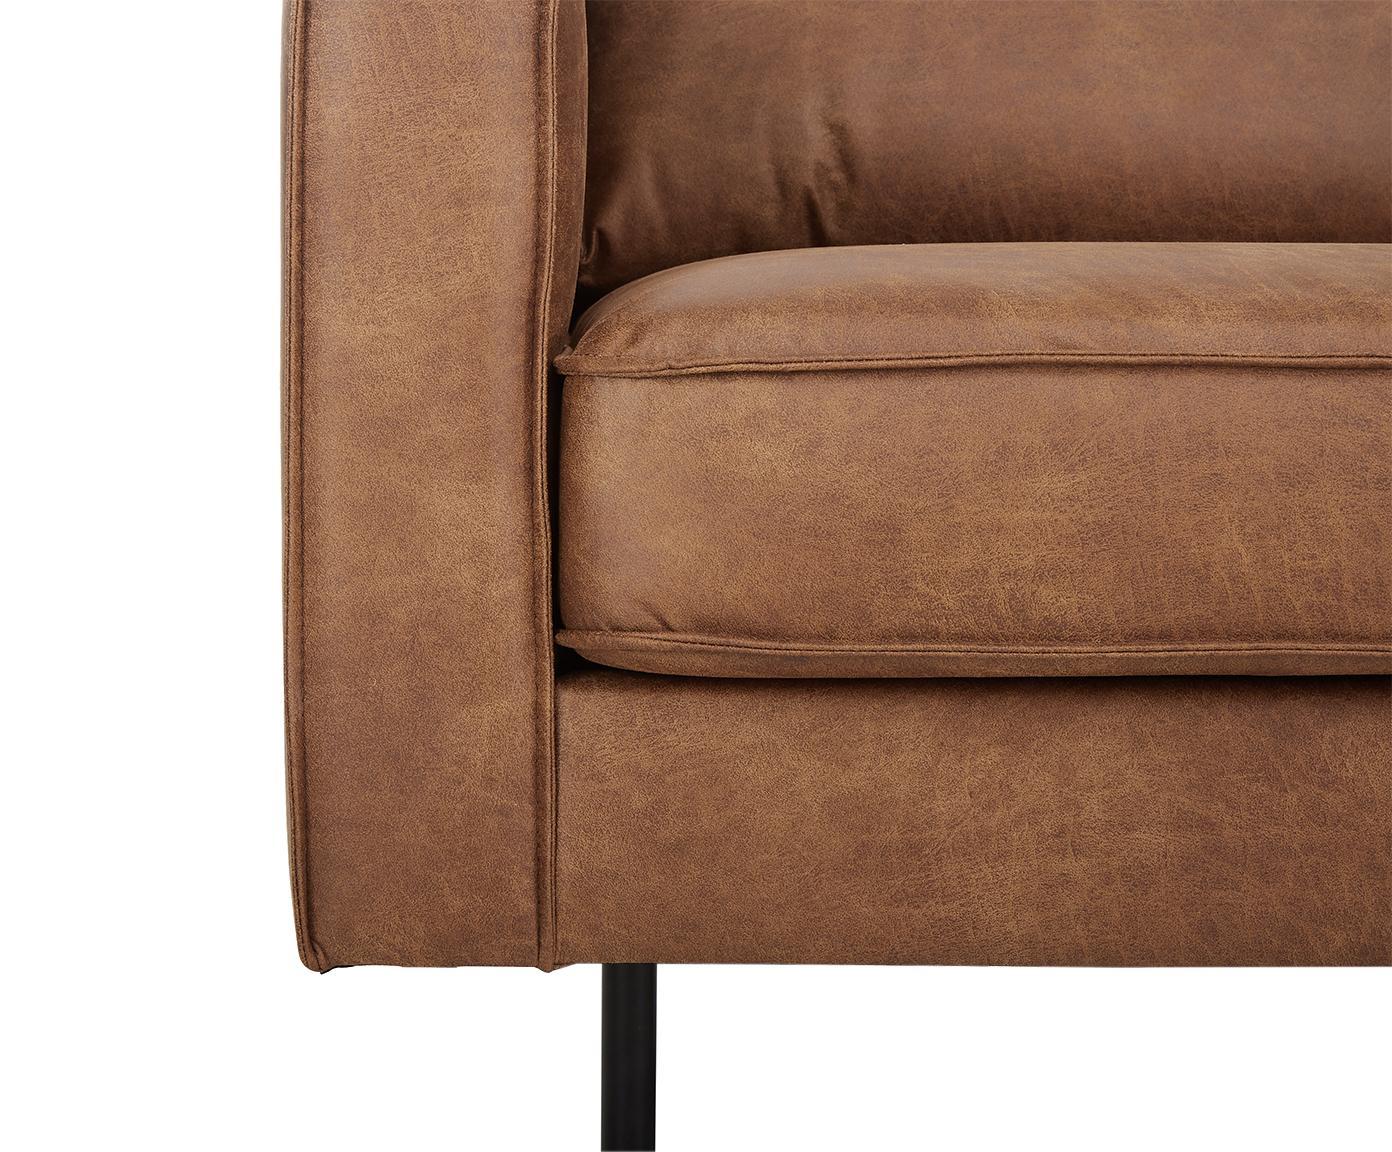 Sofa Hunter (2-osobowa), Tapicerka: 70% skóra pochodząca z re, Stelaż: lite drewno brzozowe i dr, Nogi: metal malowany proszkowo, Brązowa skóra, S 164 x G 90 cm